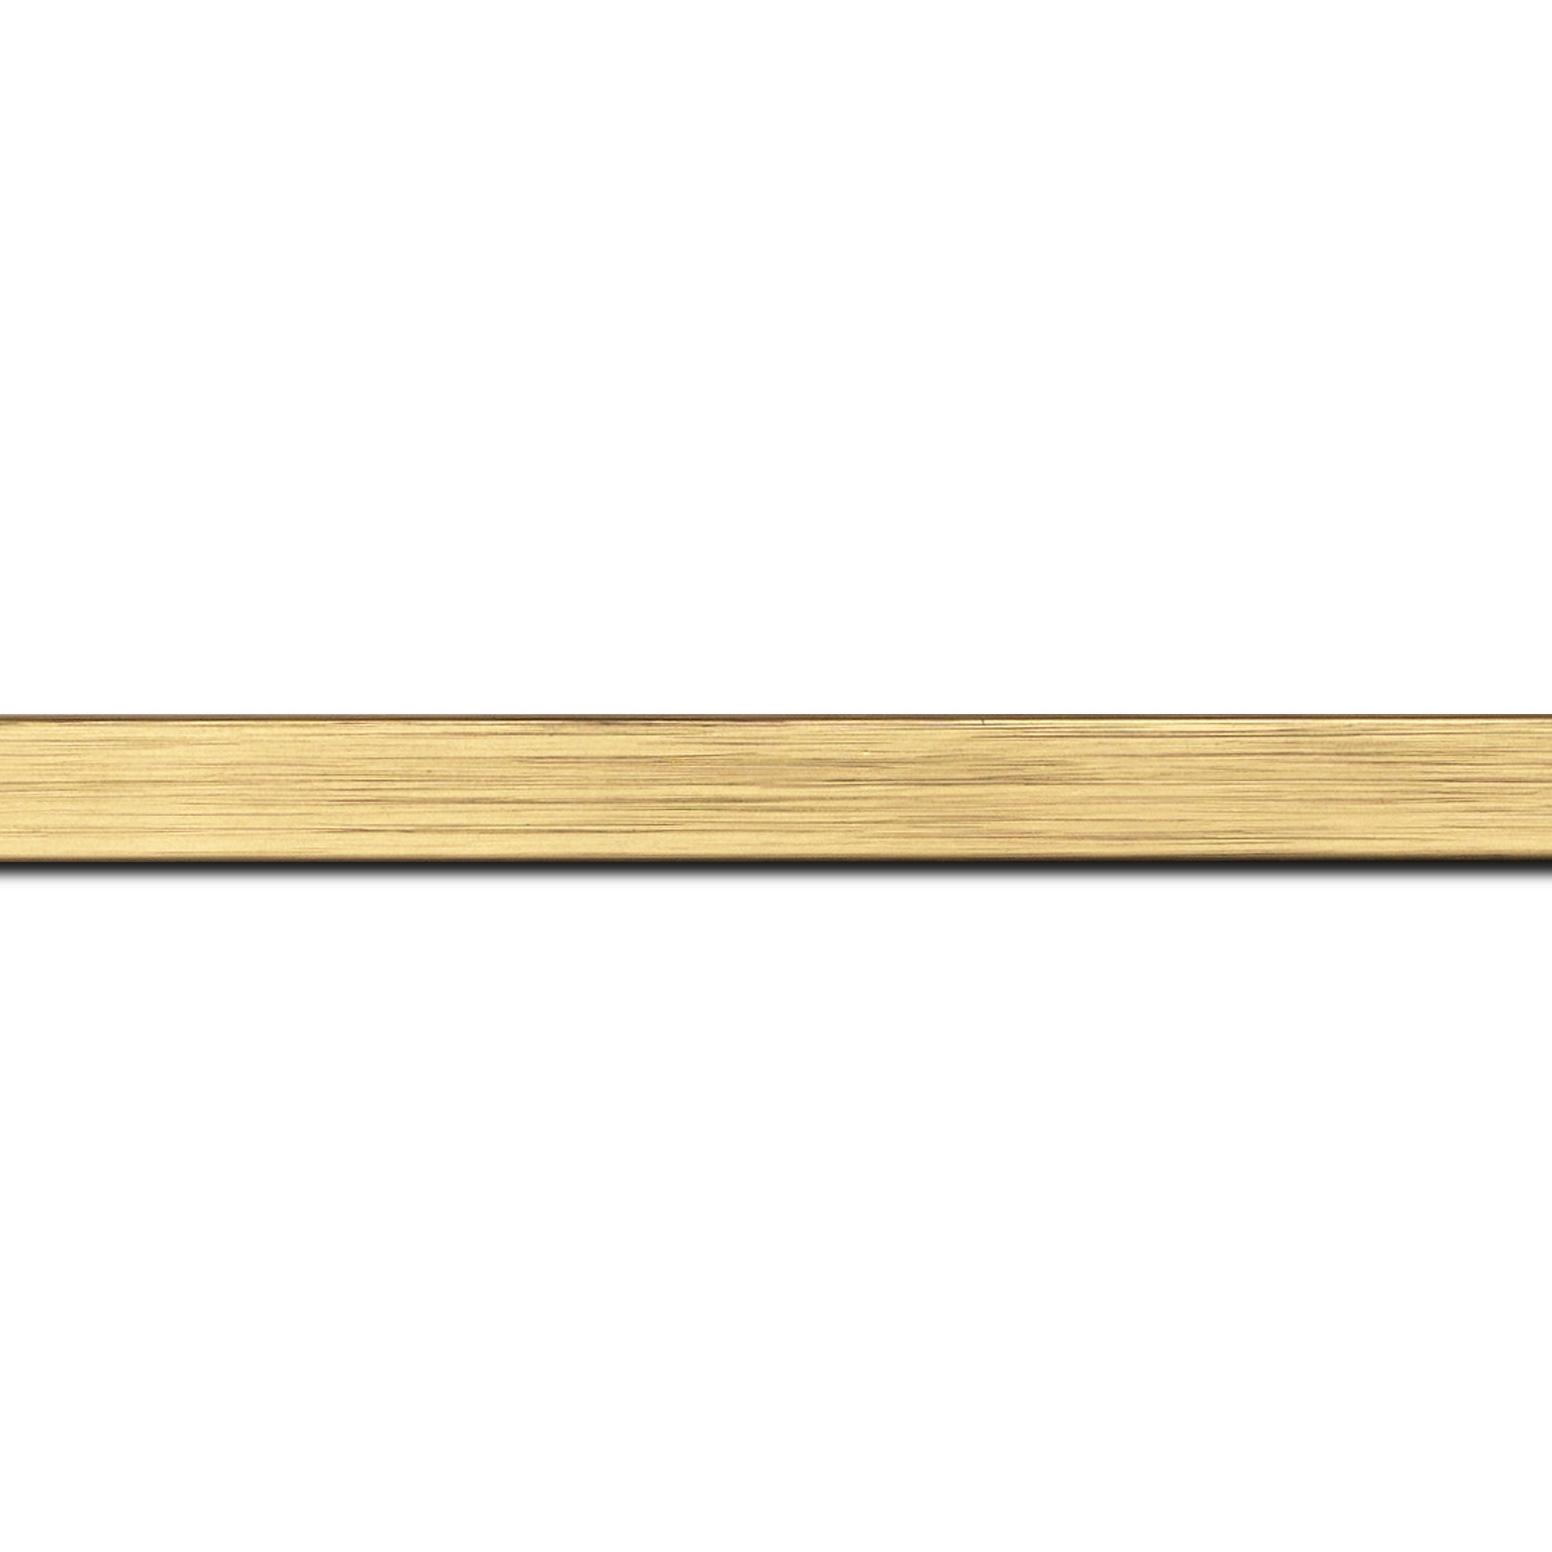 Pack par 12m, bois profil plat largeur 1.5cm couleur or(longueur baguette pouvant varier entre 2.40m et 3m selon arrivage des bois)